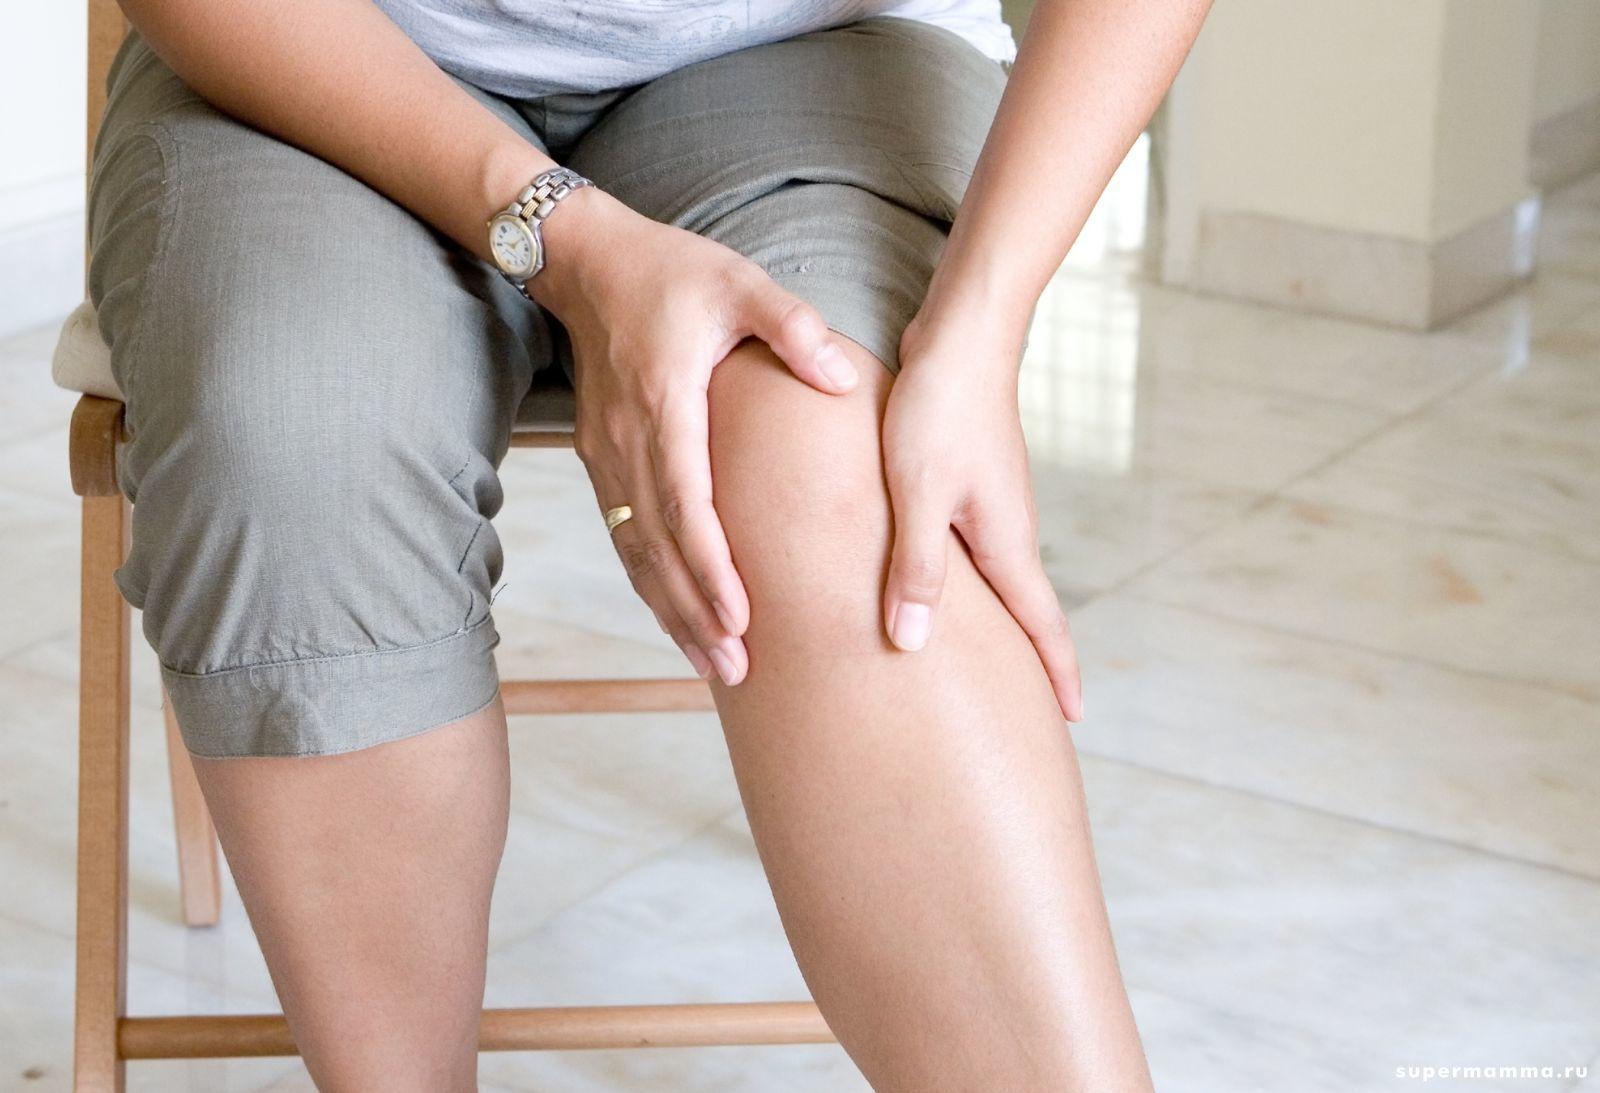 Мочегонные средства во время беременности: как не навредить себе и ребёнку